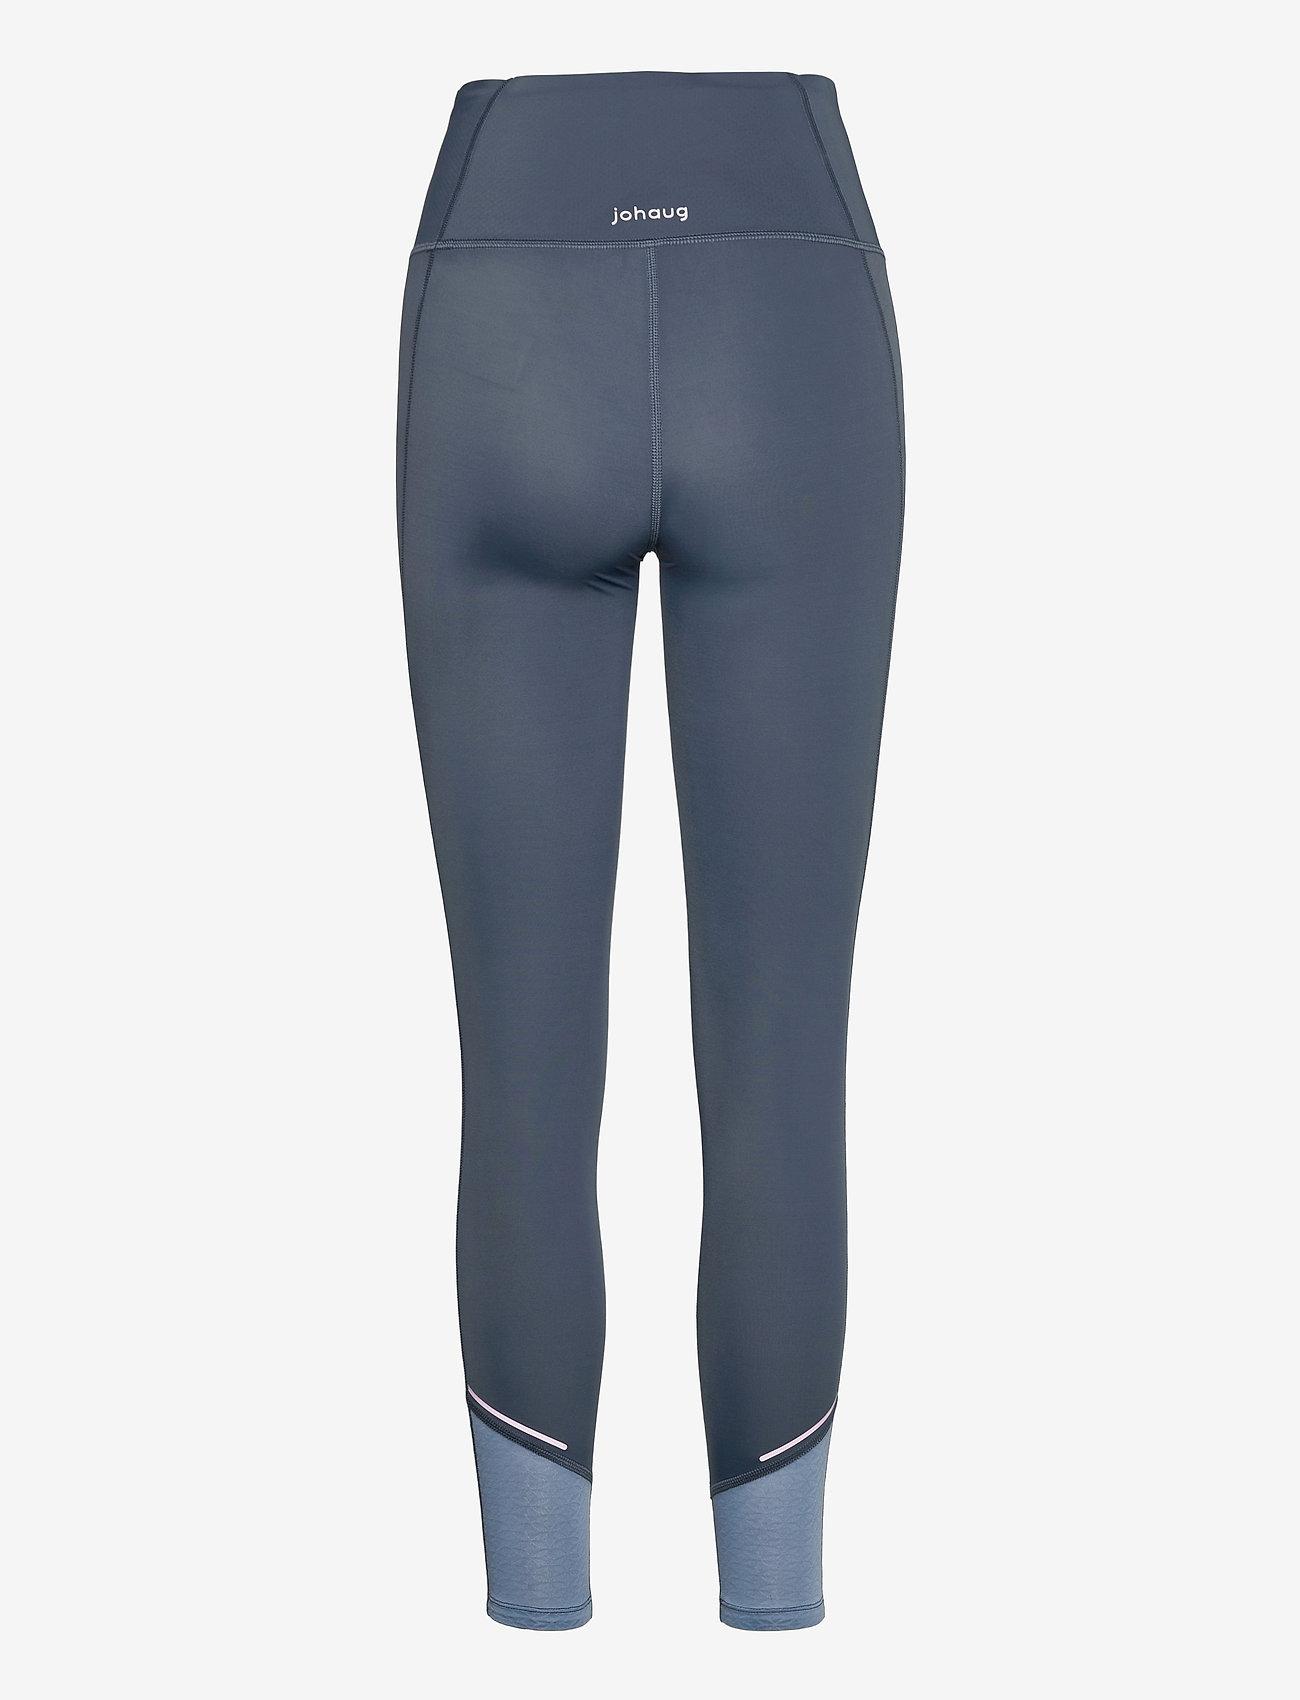 Johaug - Sheen tights - löpnings- och träningstights - mnavy - 1